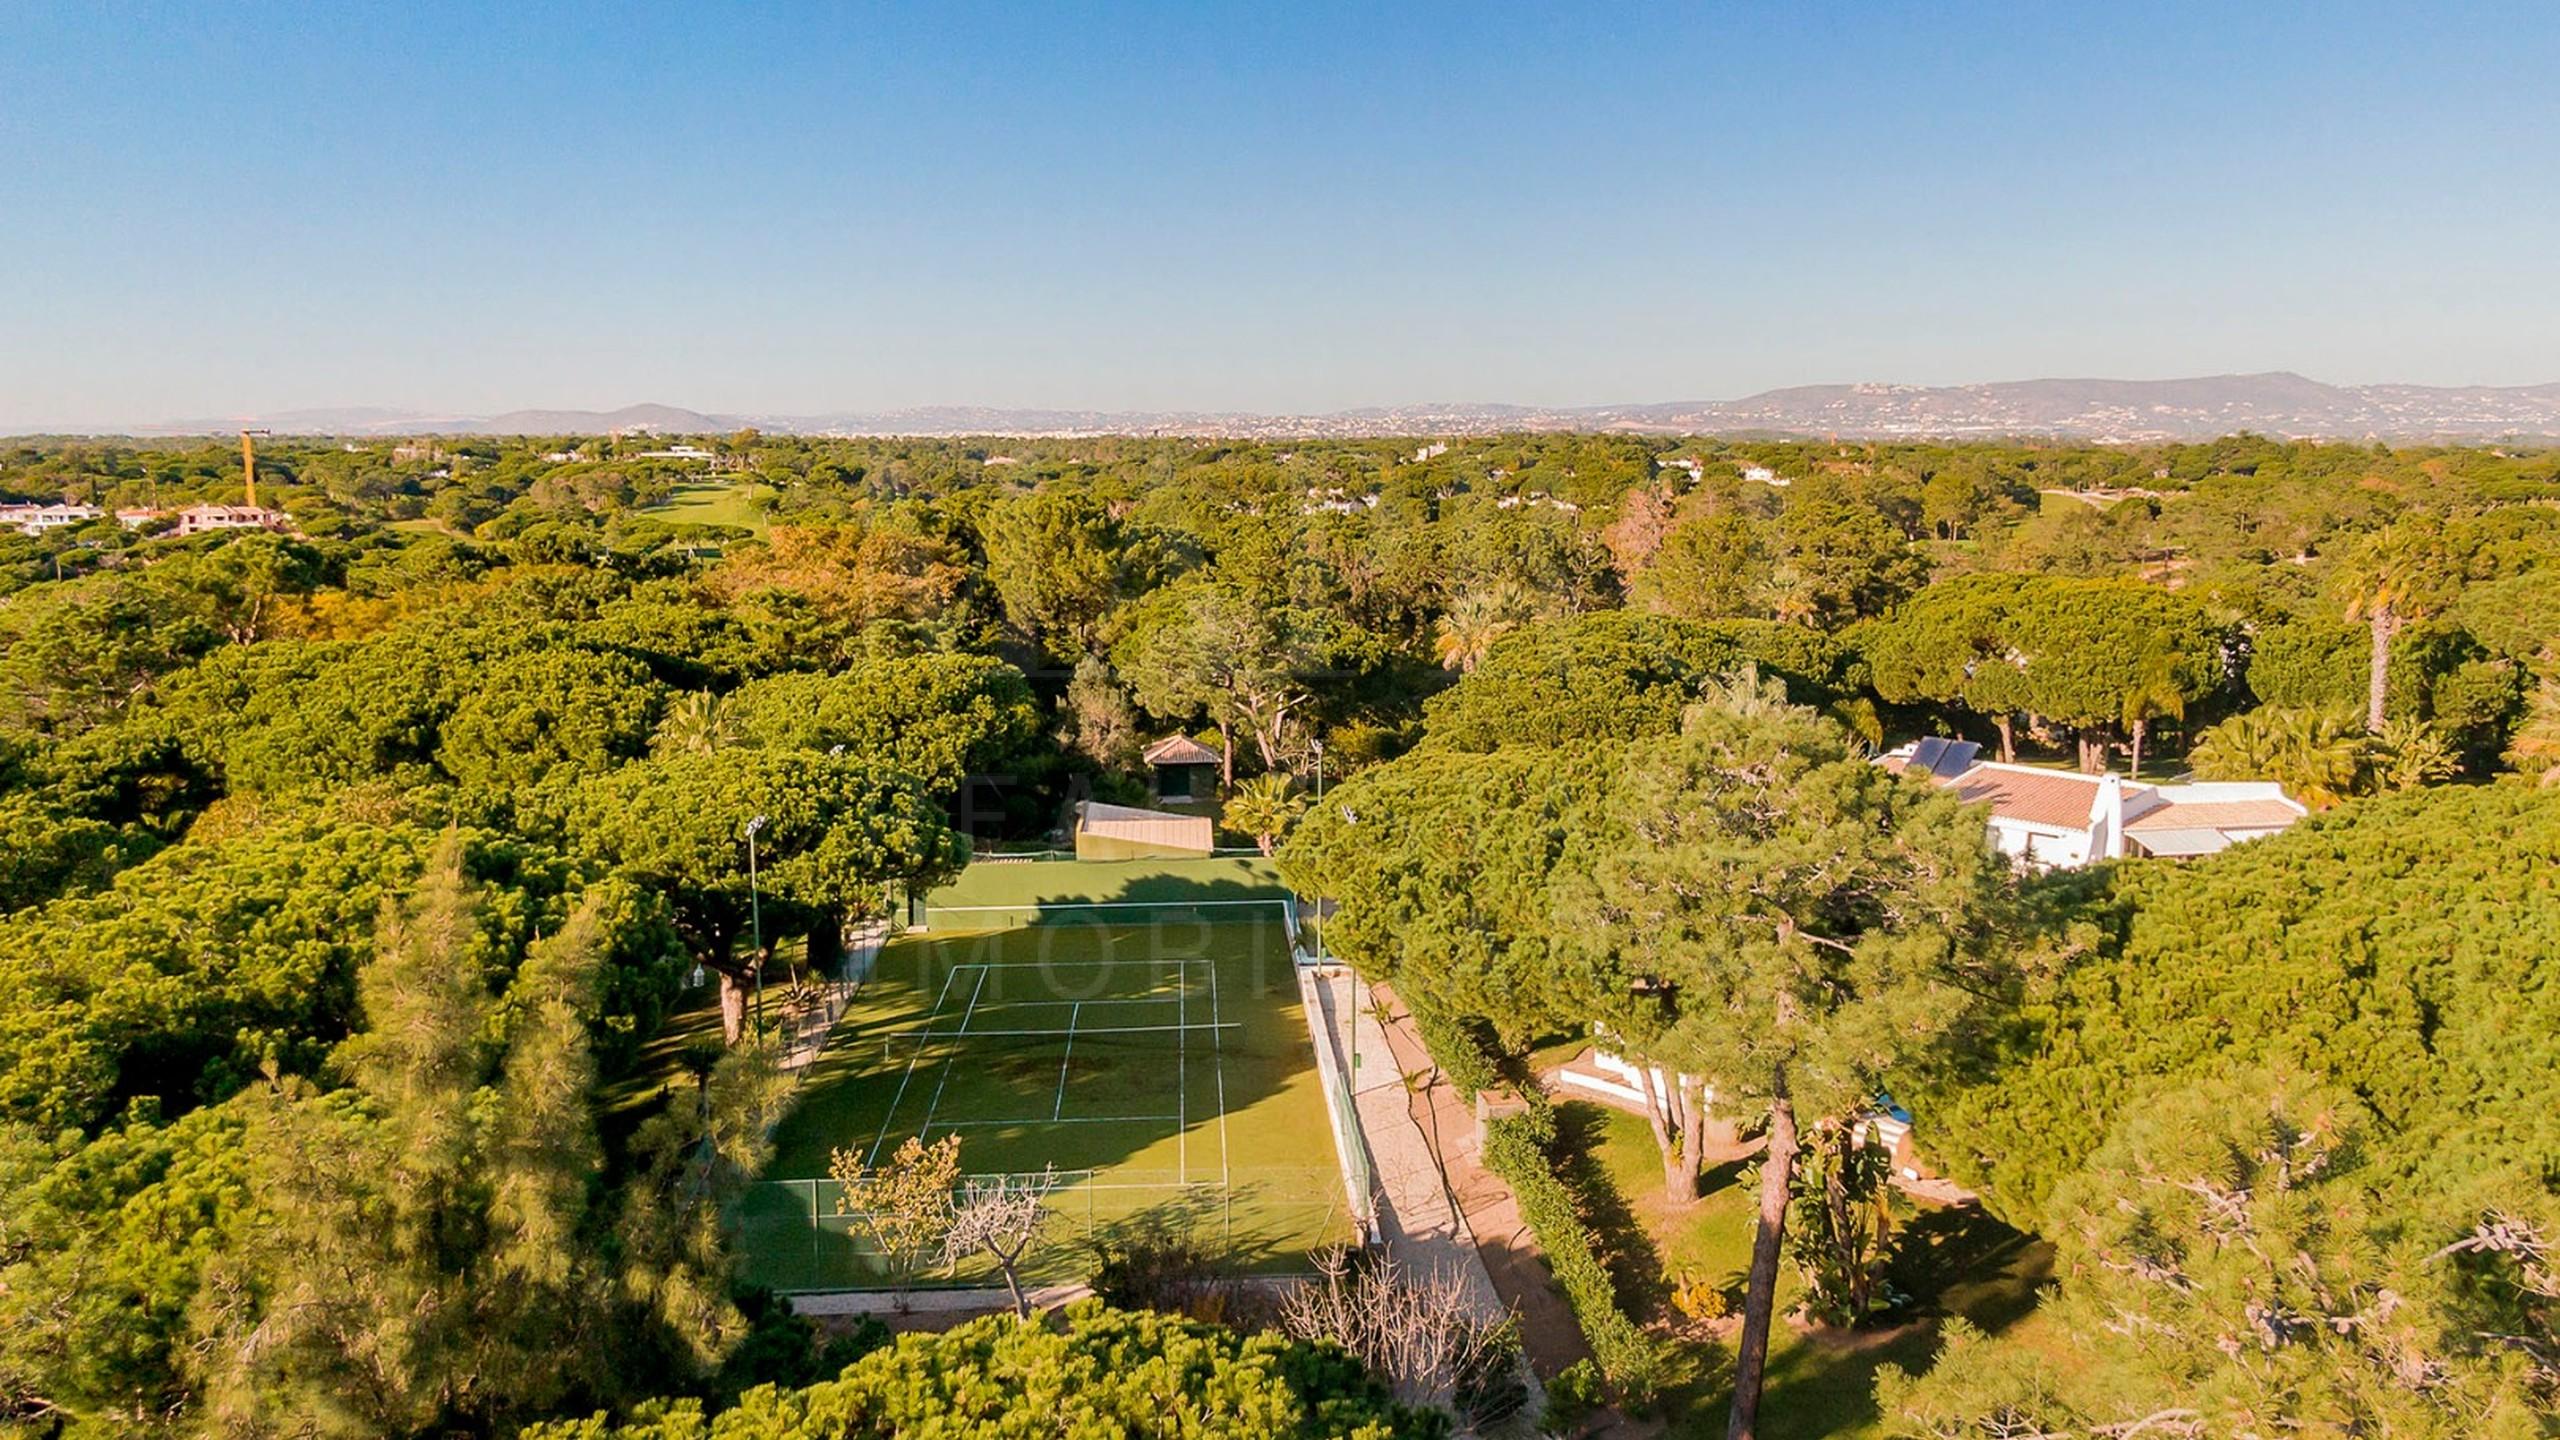 Maison avec psicine à vendre à Quinta do Lago